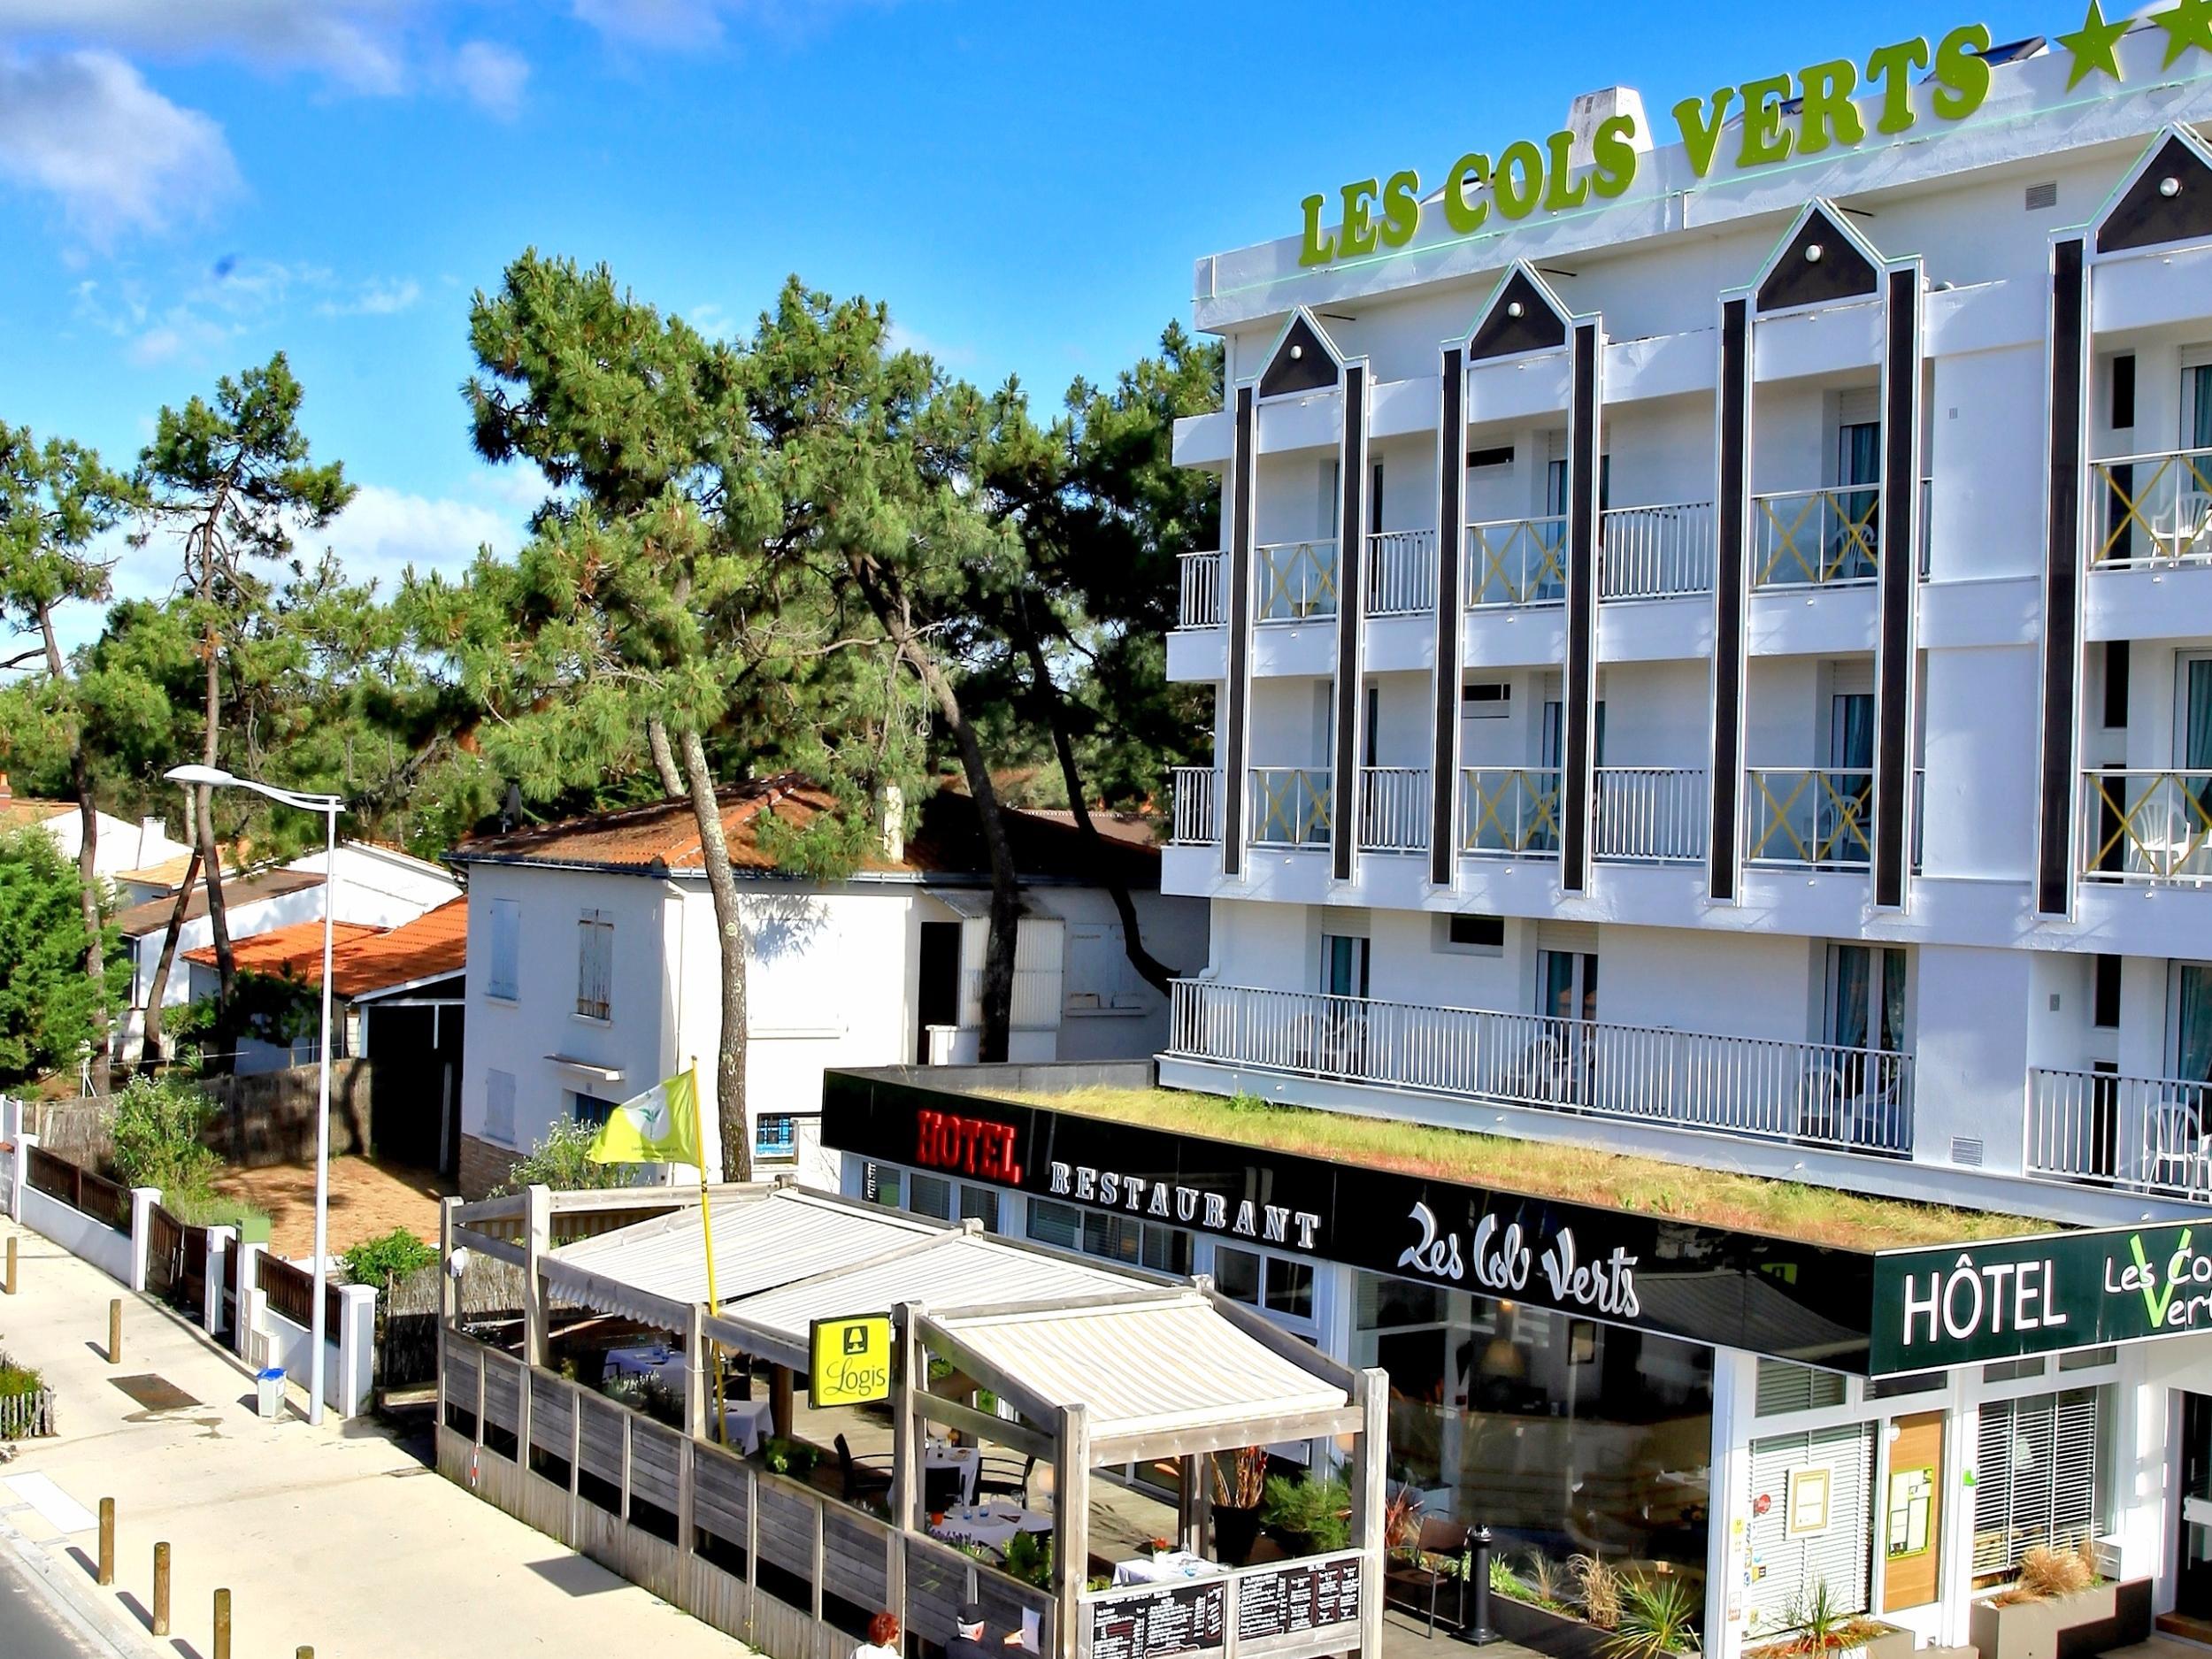 Comparateur hotel les cols verts la tranche sur mer for Hotel comparateur